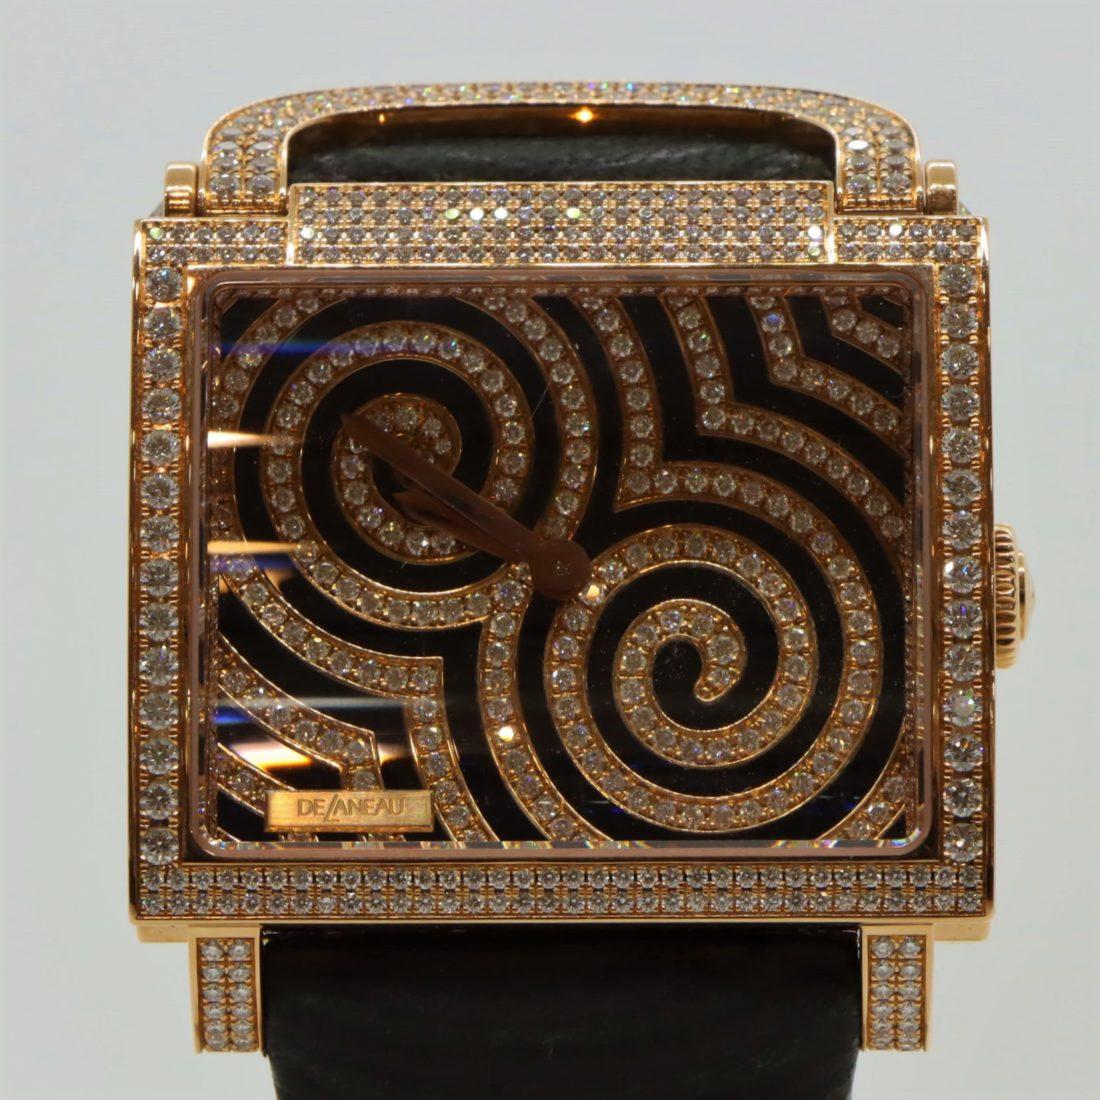 Продать часы DeLaneau легко и быстро – это реально!